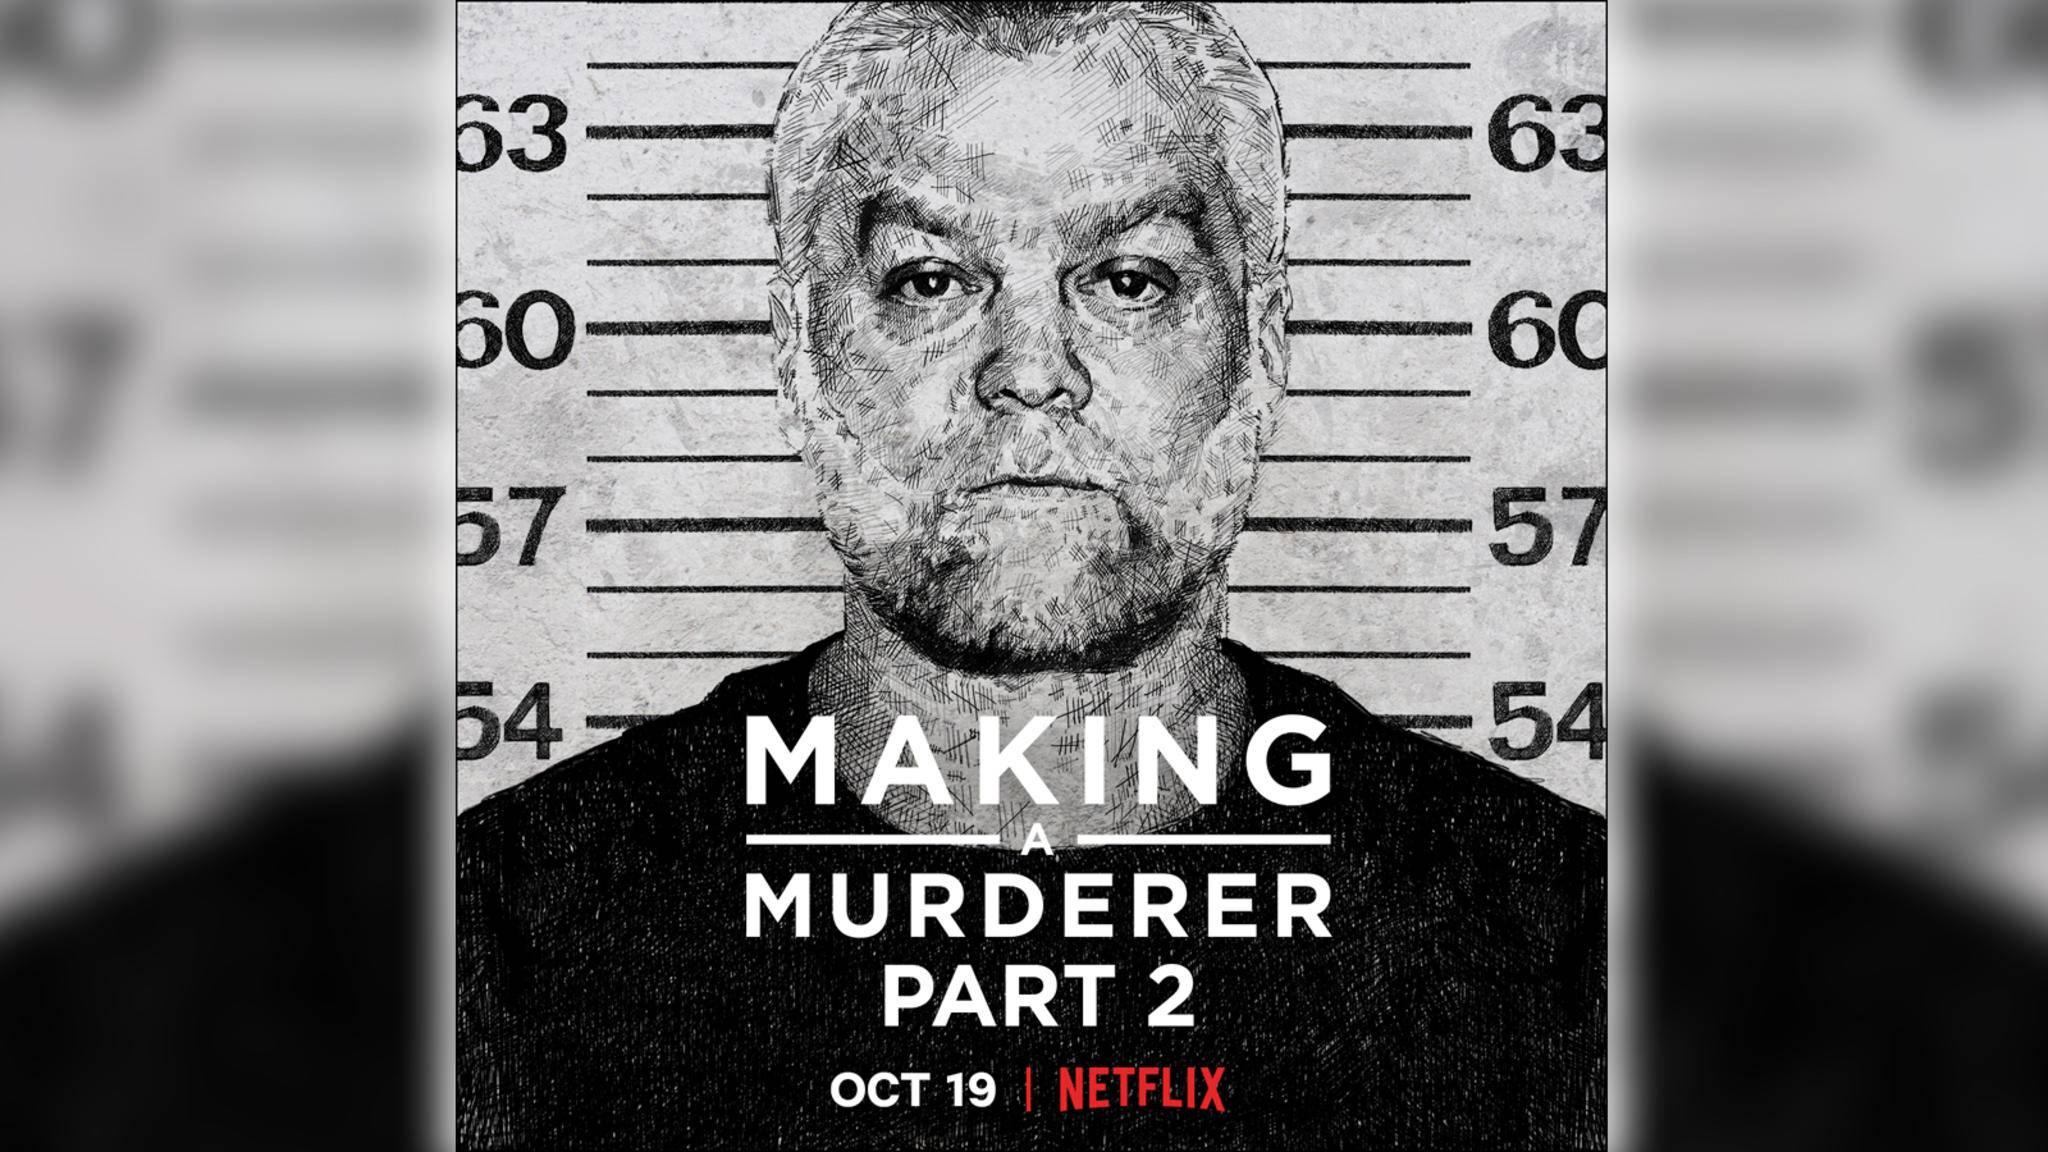 Wie geht es mit Steven Avery weiter? Mitte Oktober erfahren wir es.